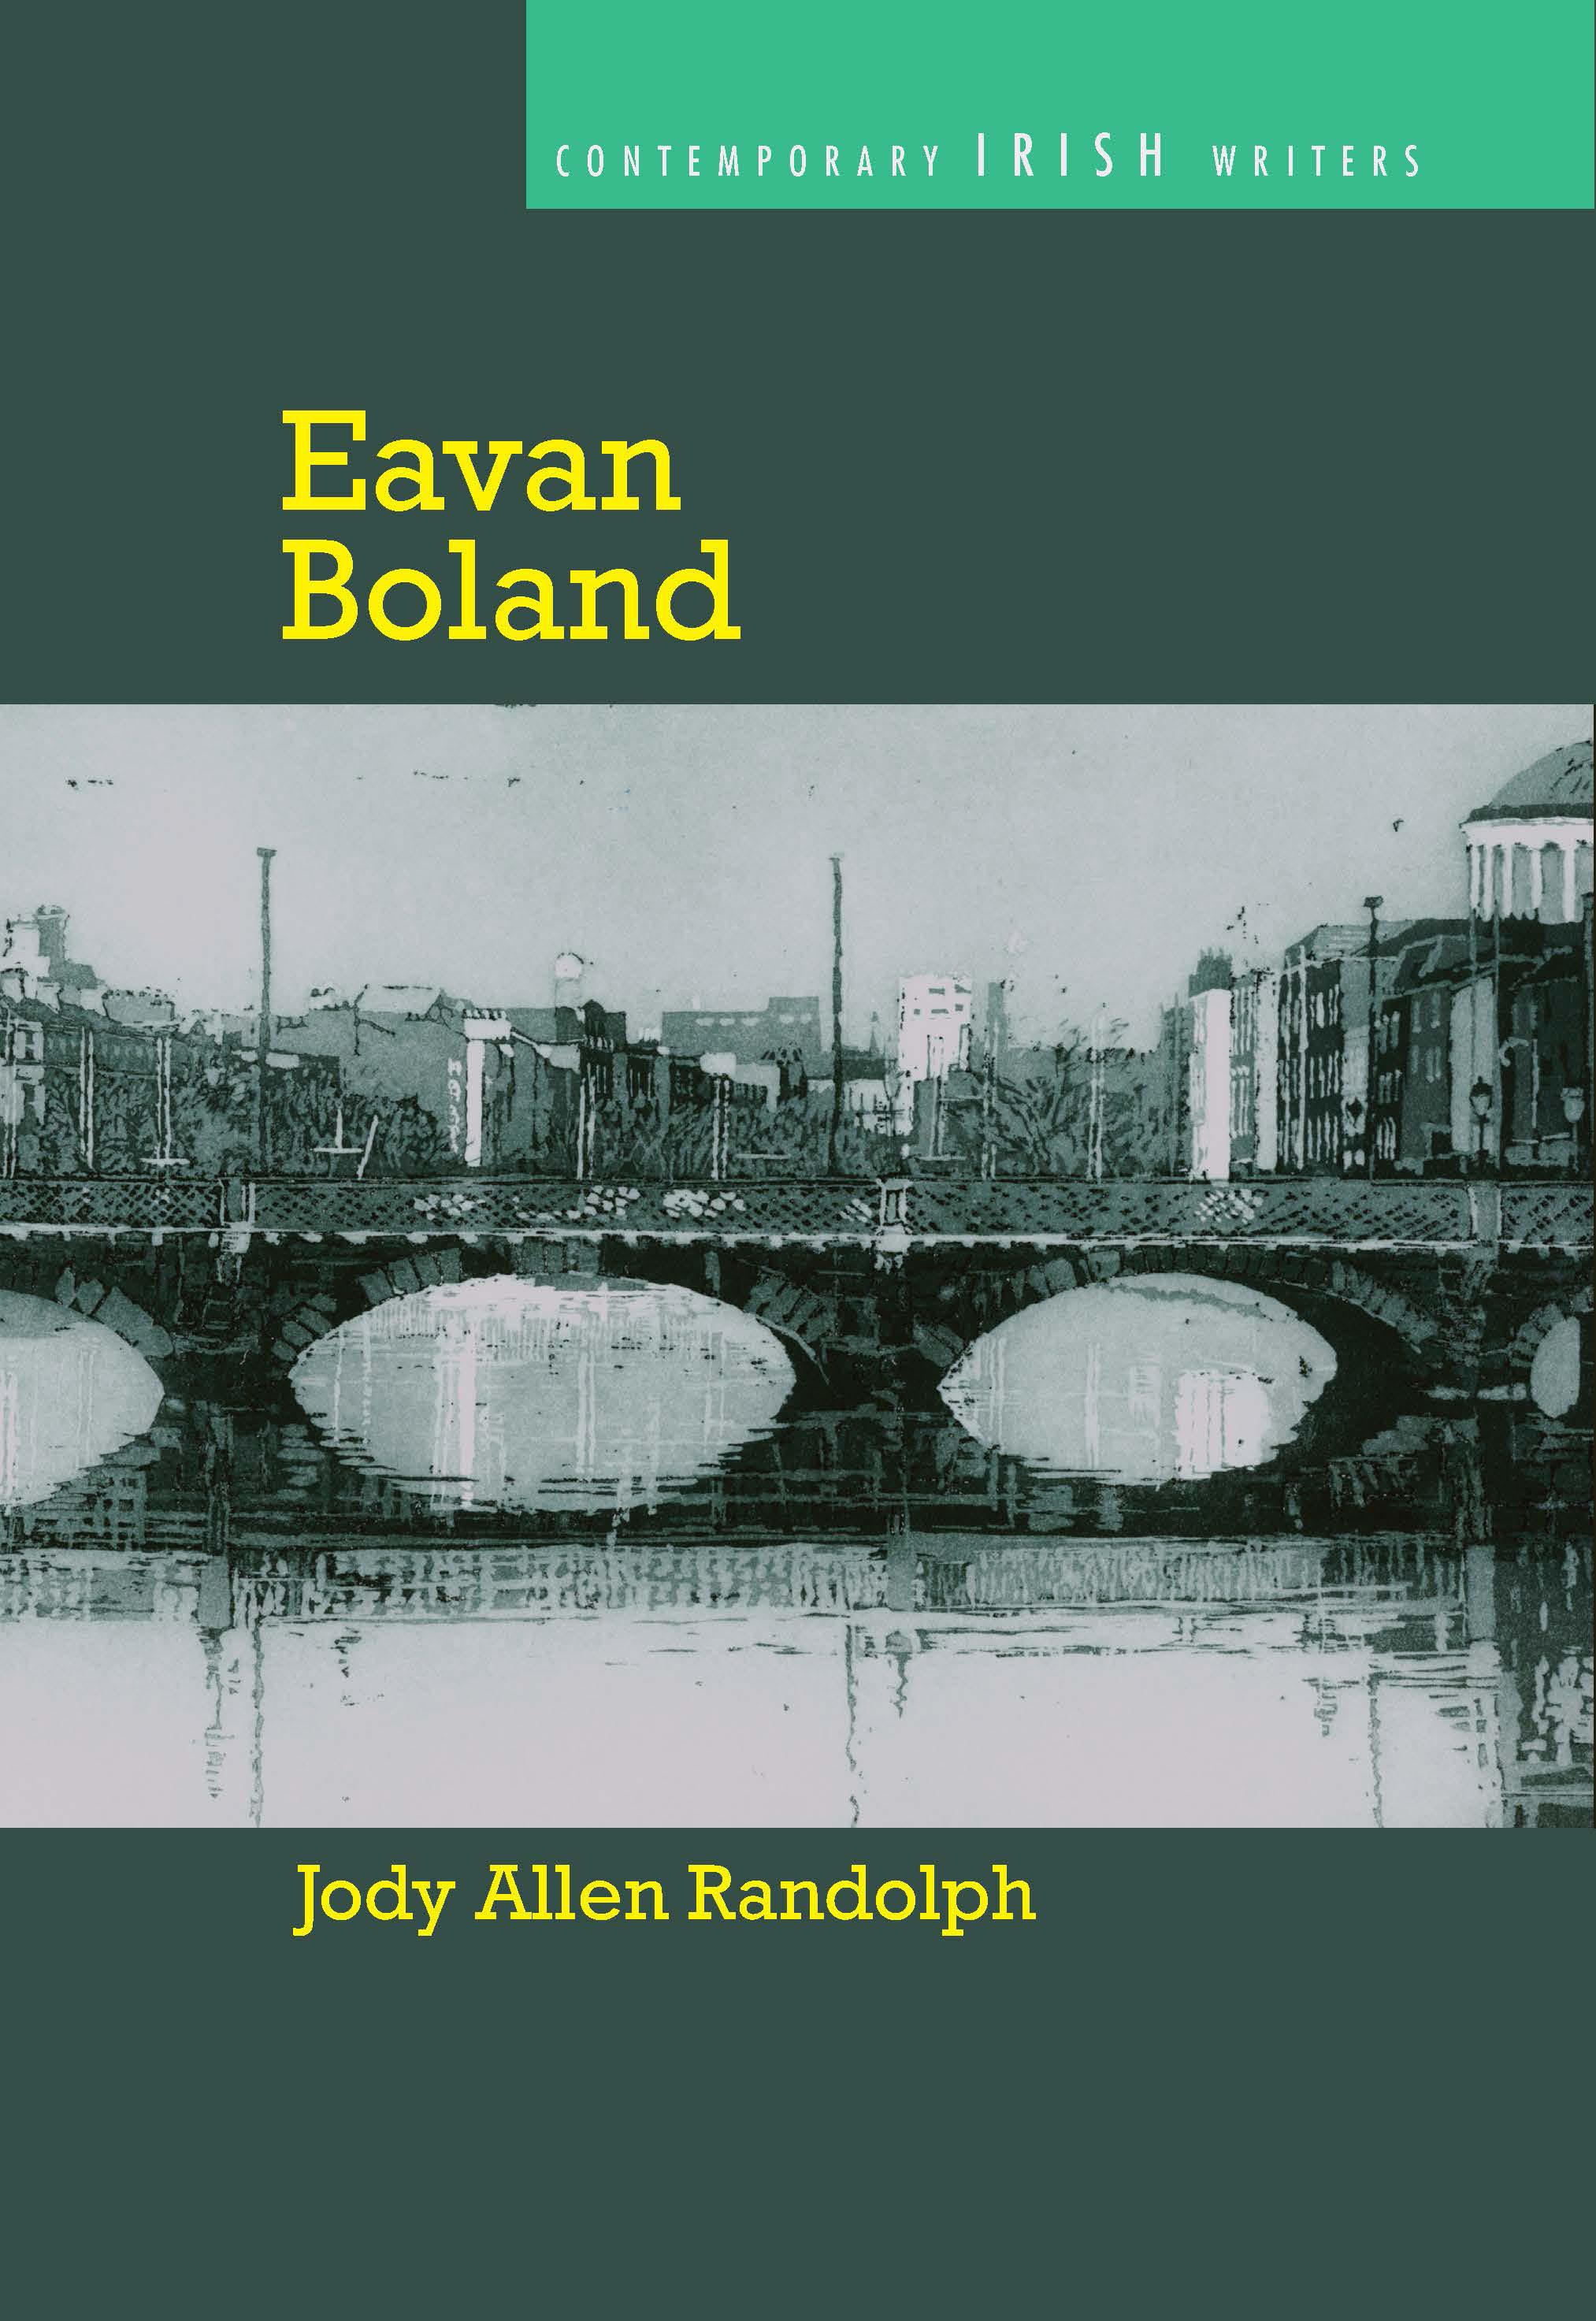 essays on eavan boland